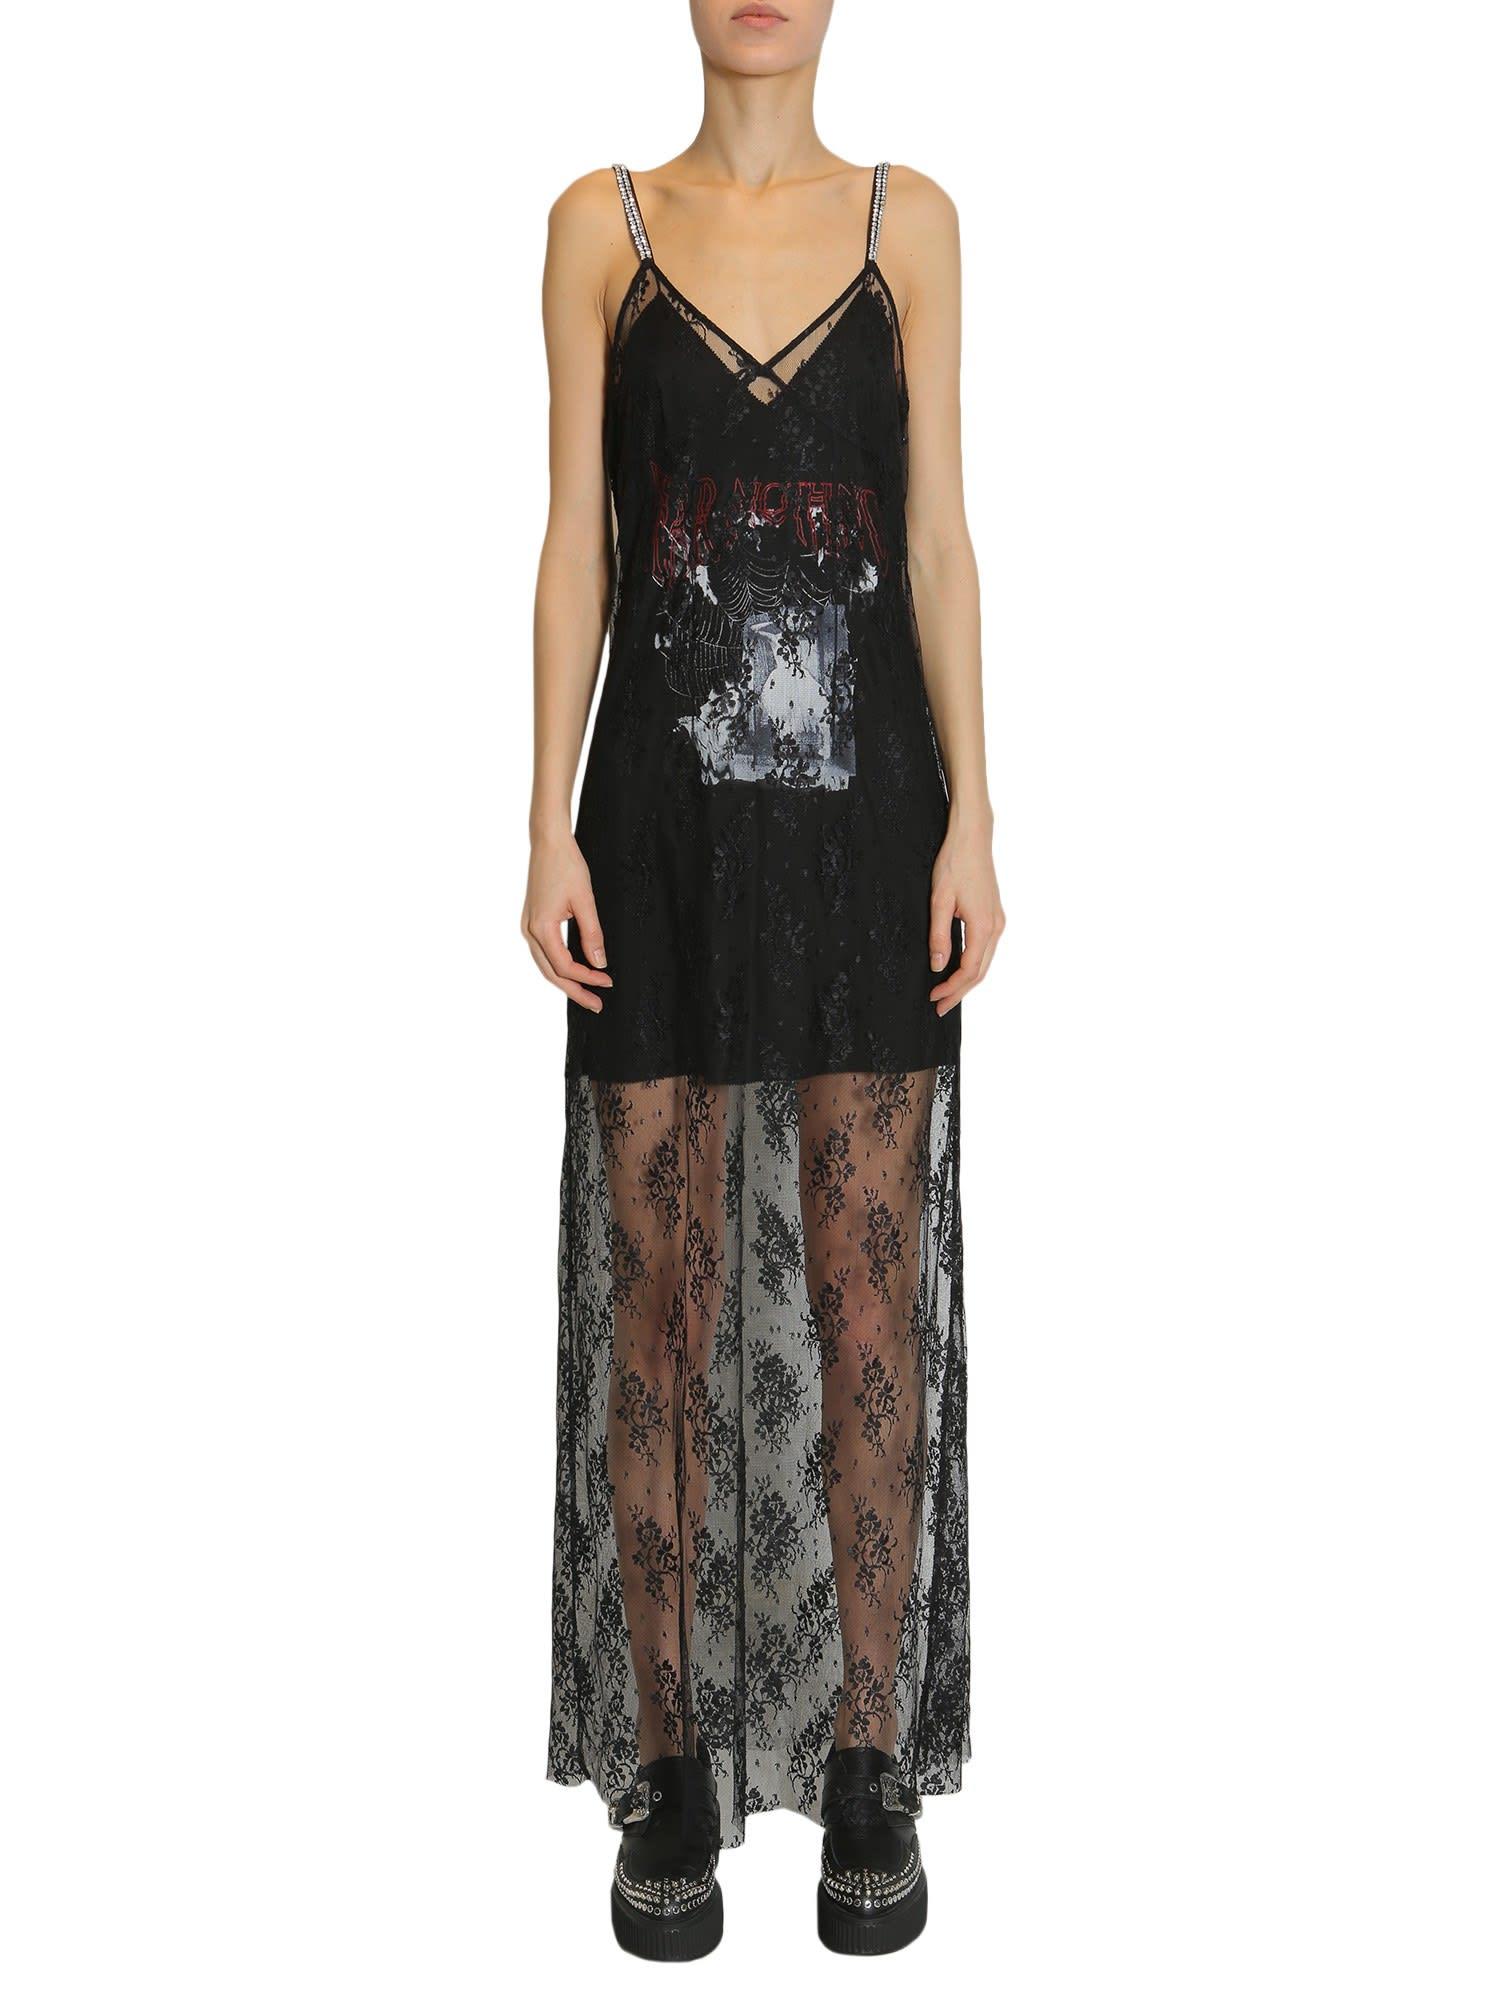 McQ Alexander McQueen Long Lace Dress